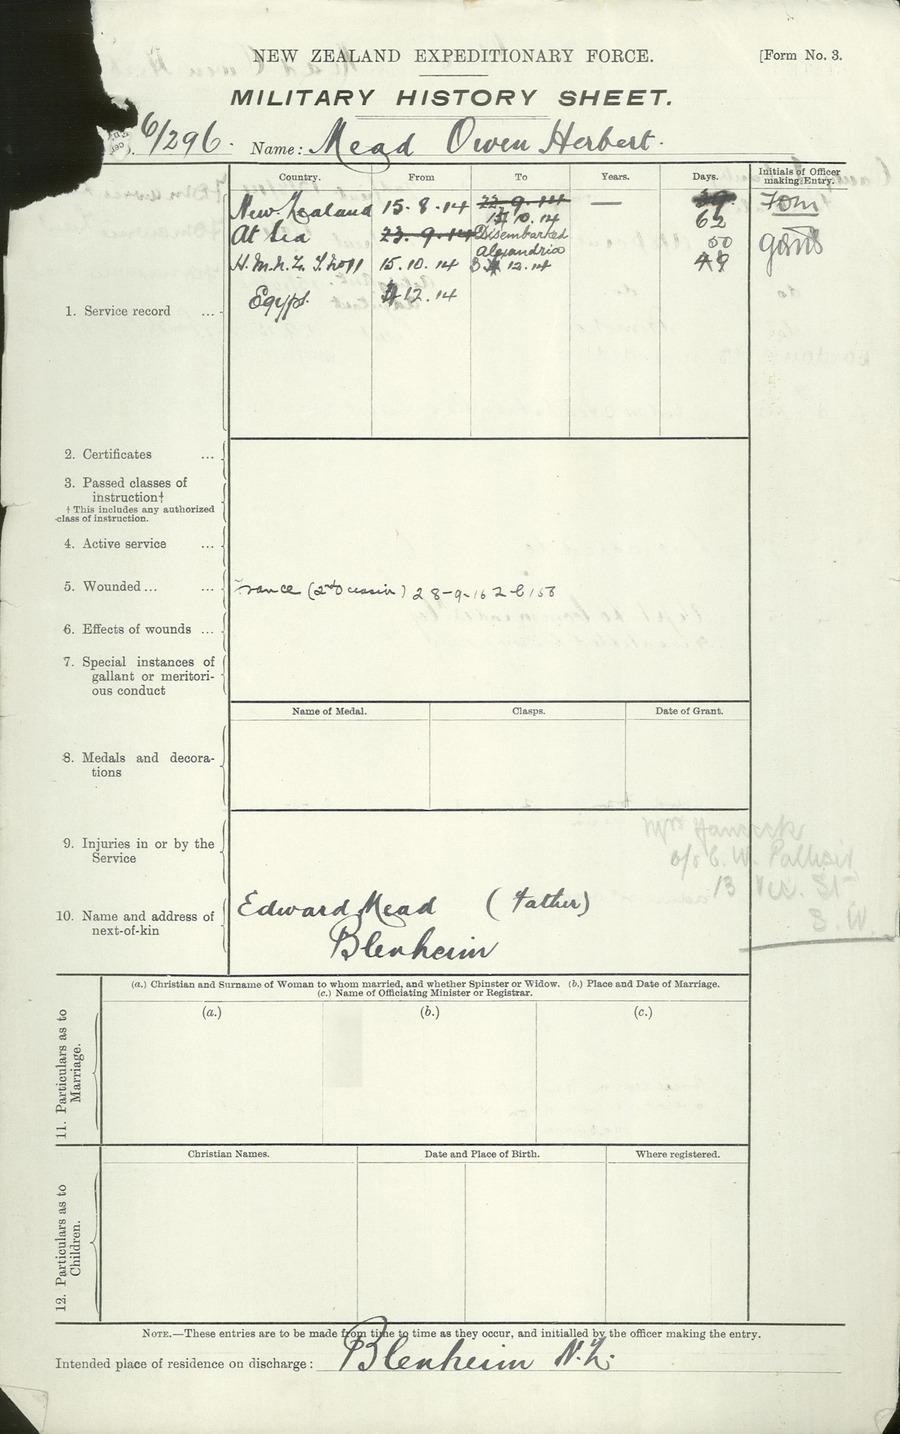 Mead O History Sheet